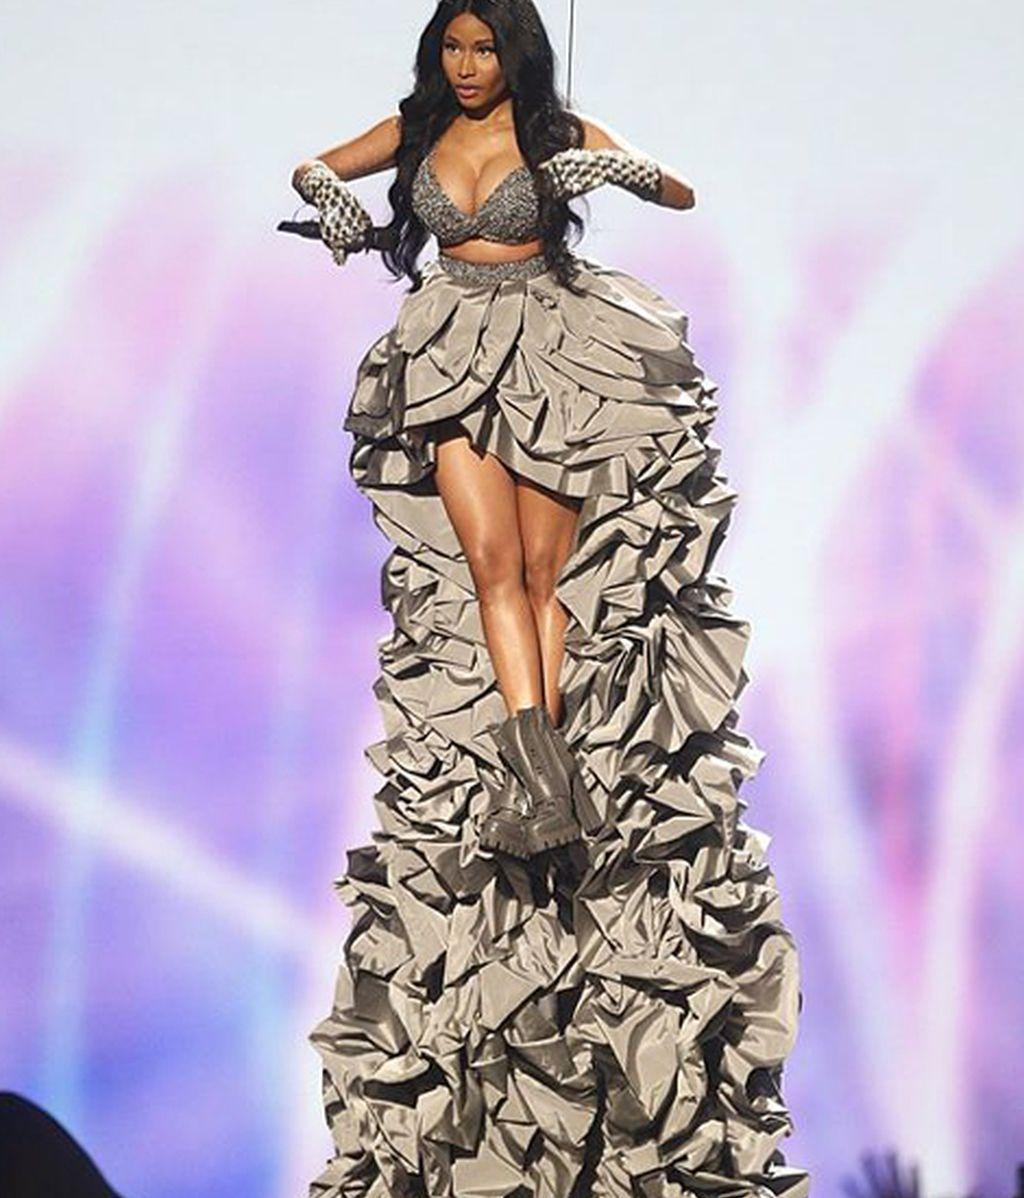 Nicki Minaj, extravagante maestra de ceremonias de la gala, celebrada en Glasgow